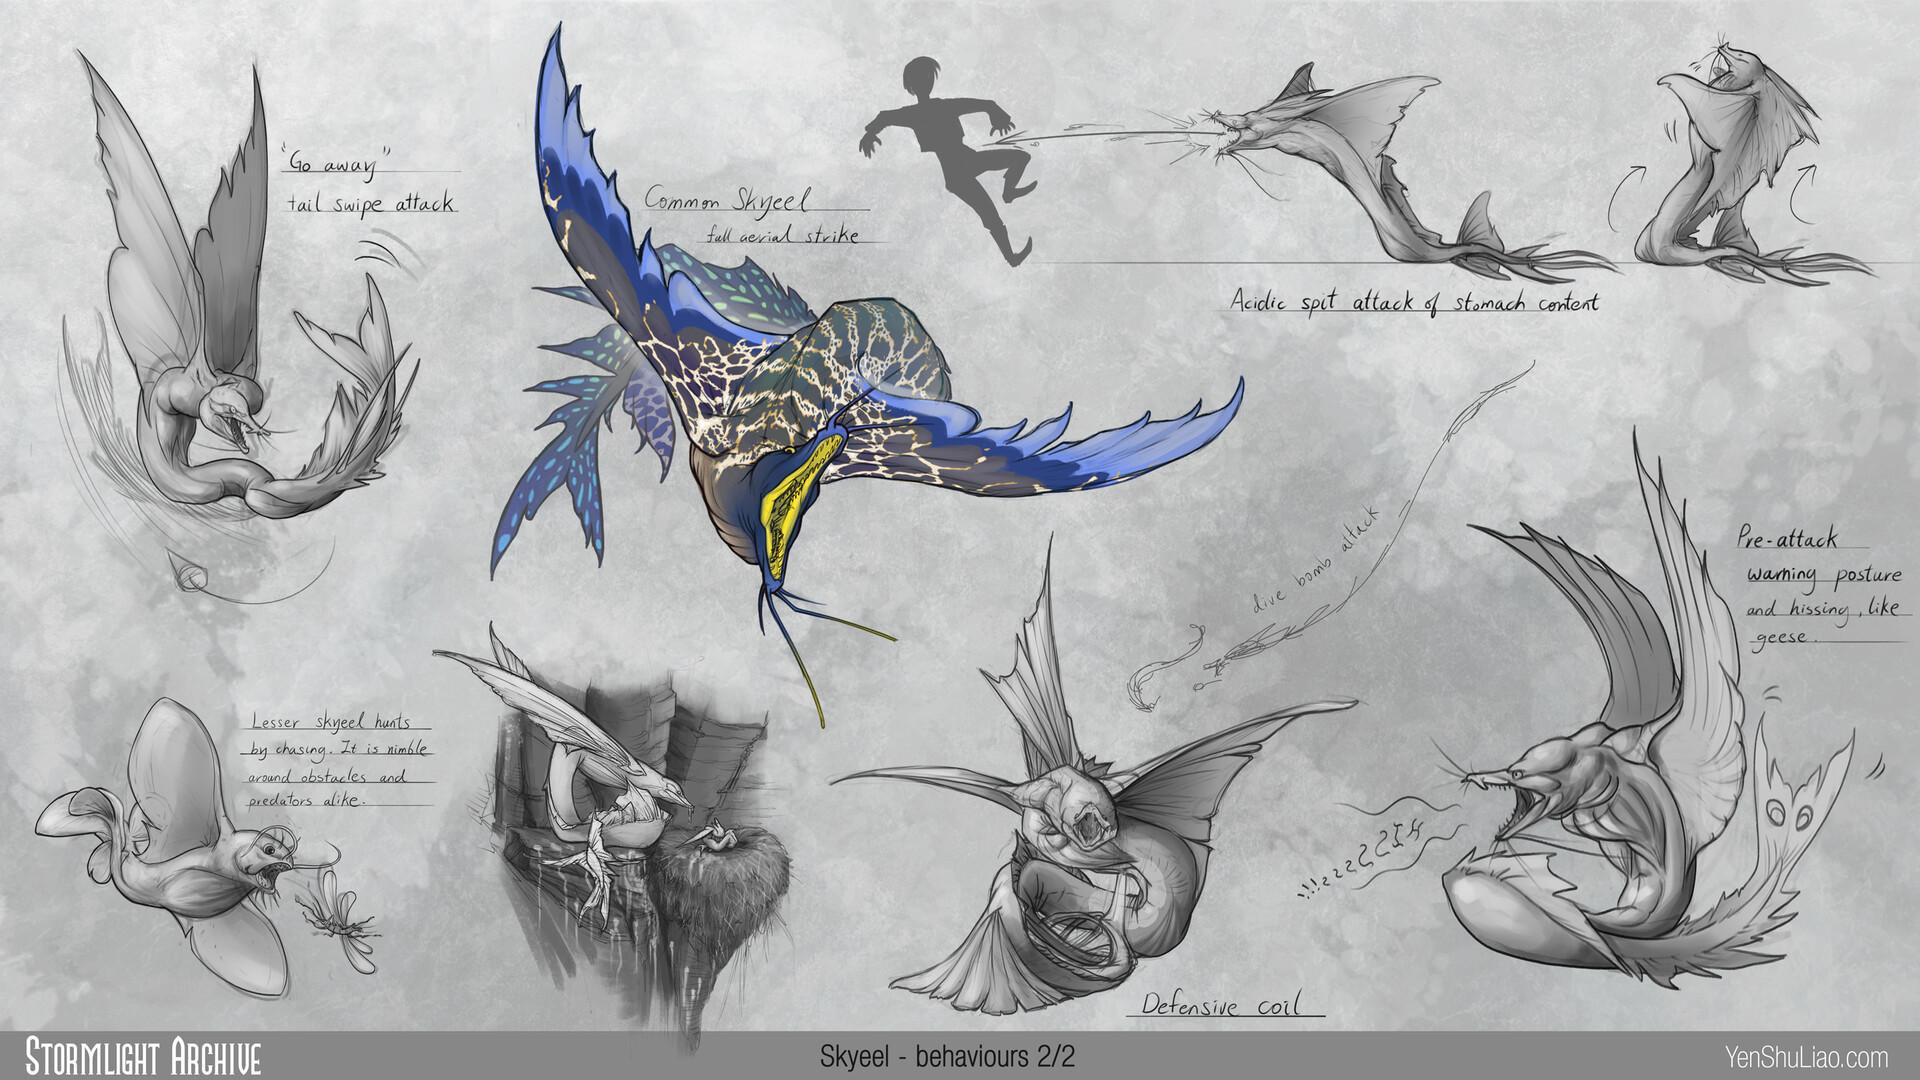 Yen shu liao stormlightarchive skyeel creature concept behavior 02 yen shu liao